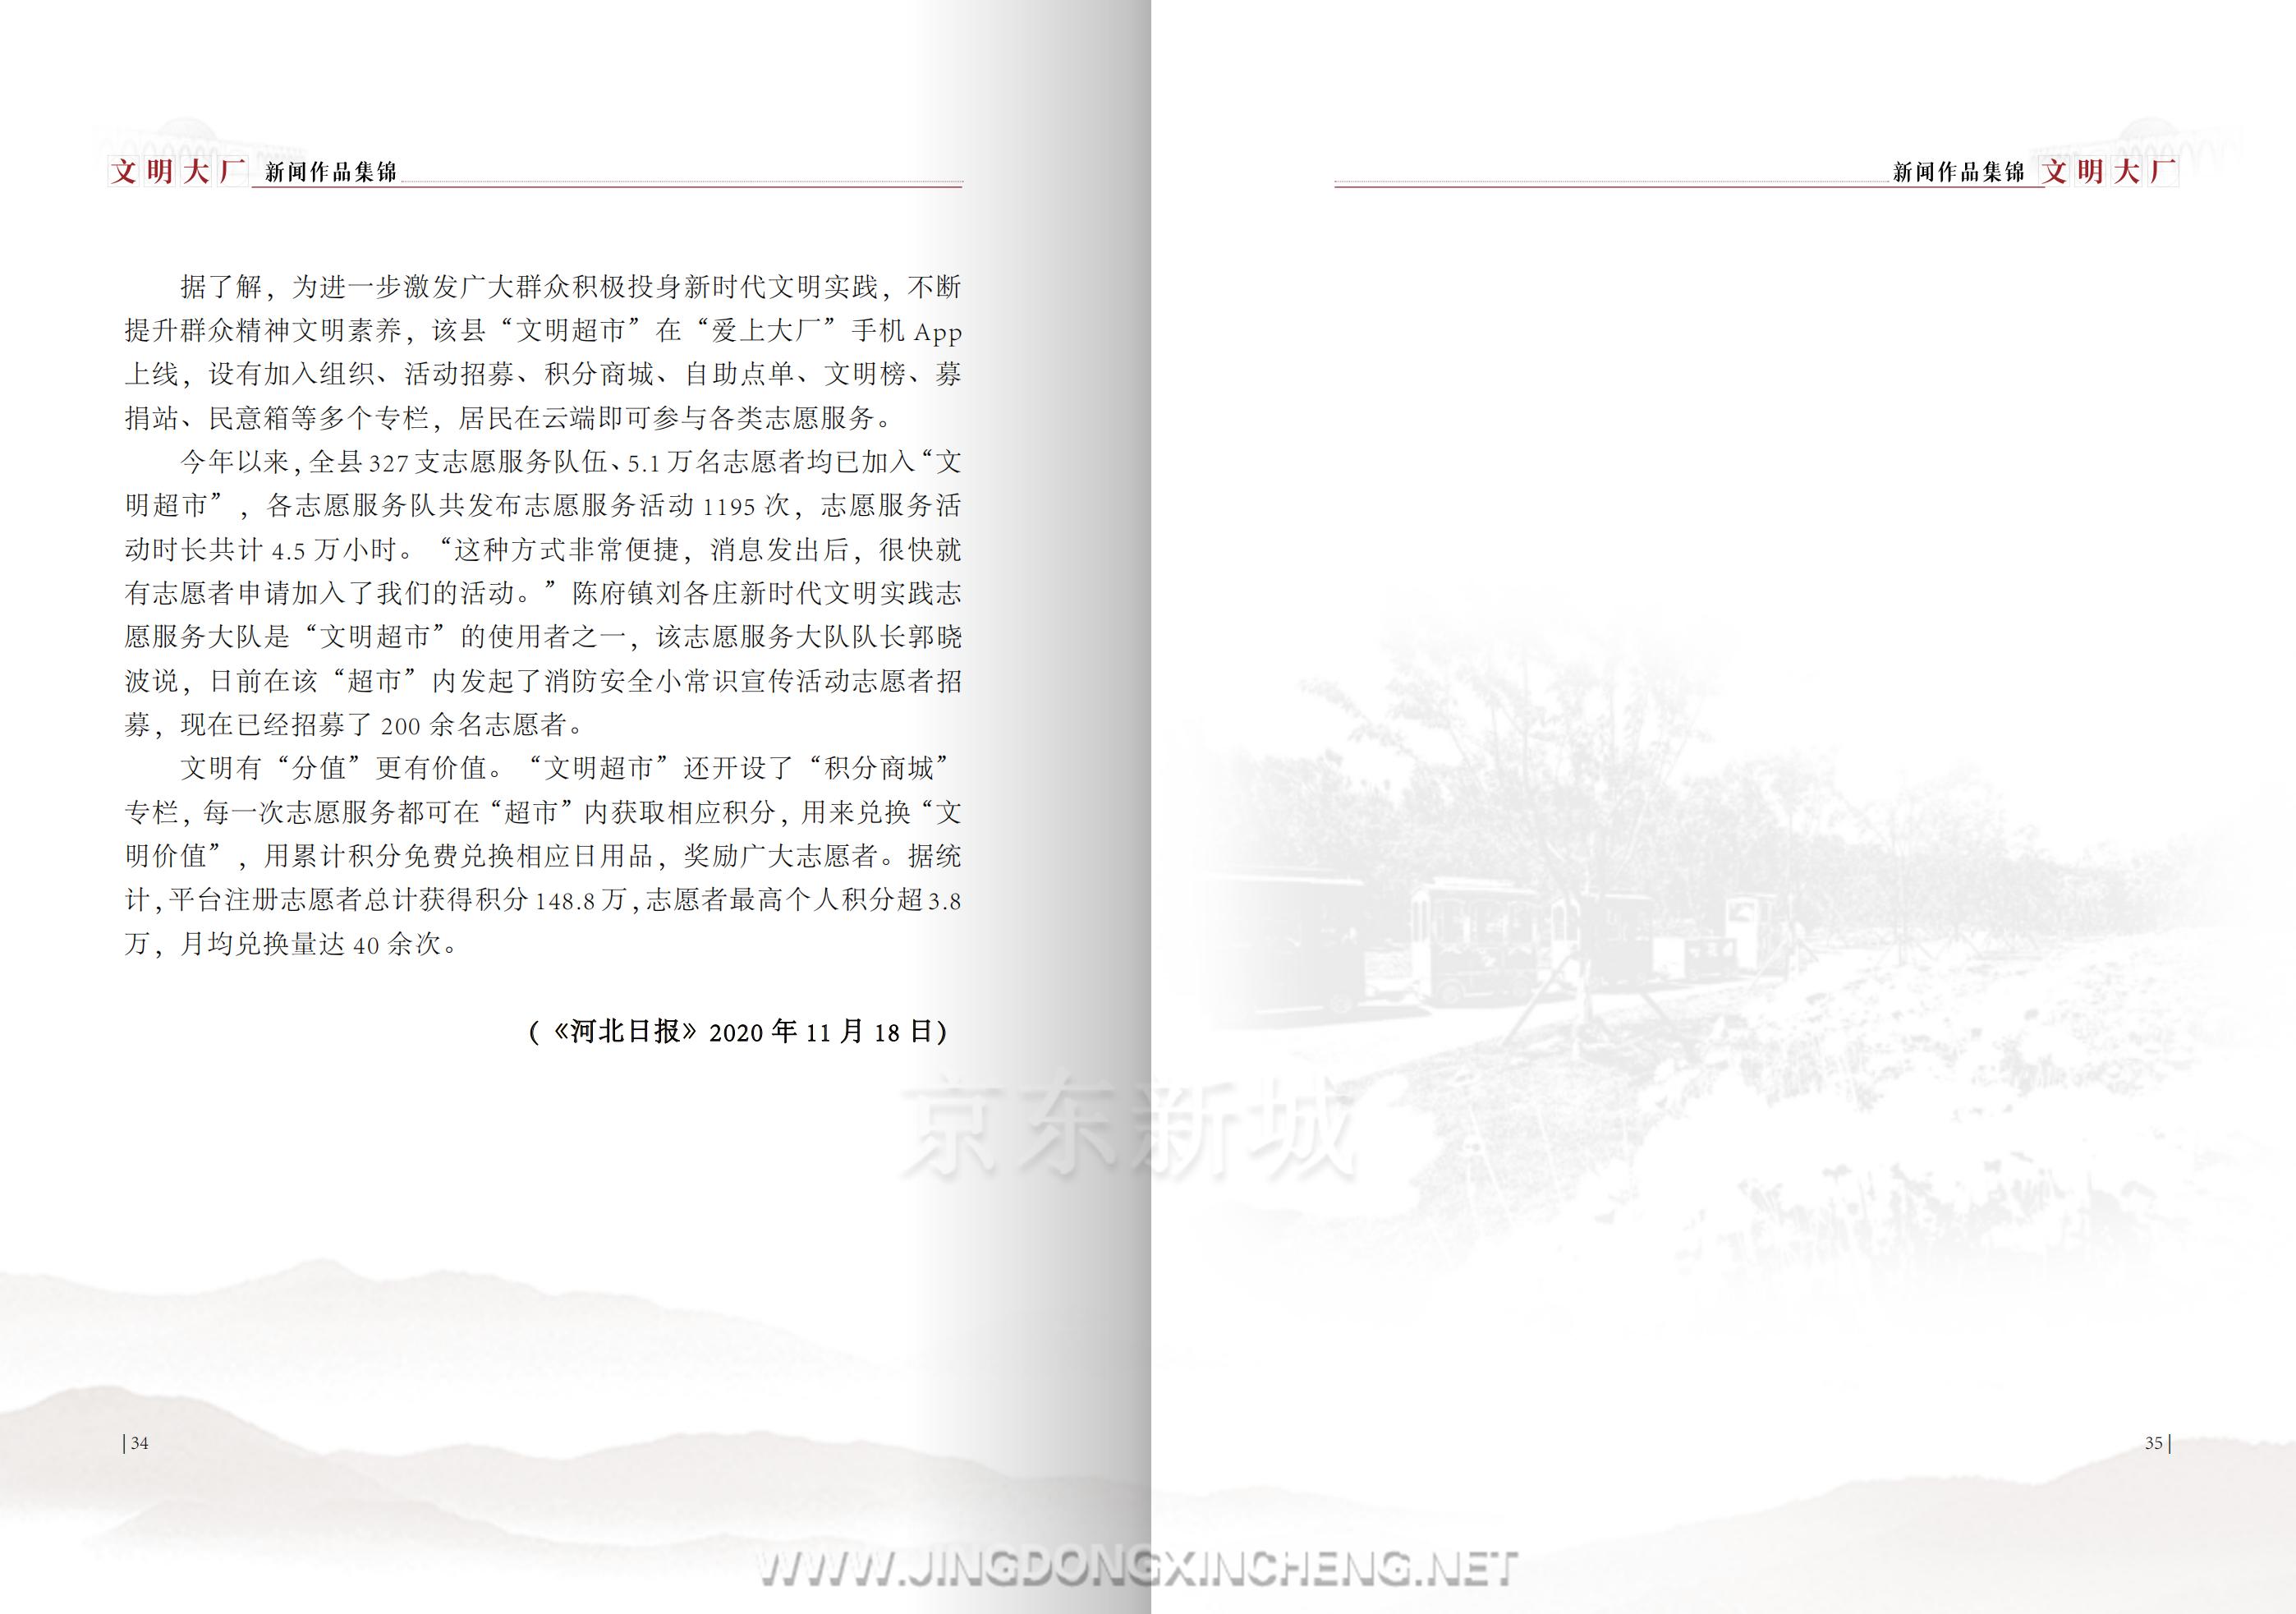 文明大厂书籍-定稿-上传版_21.png